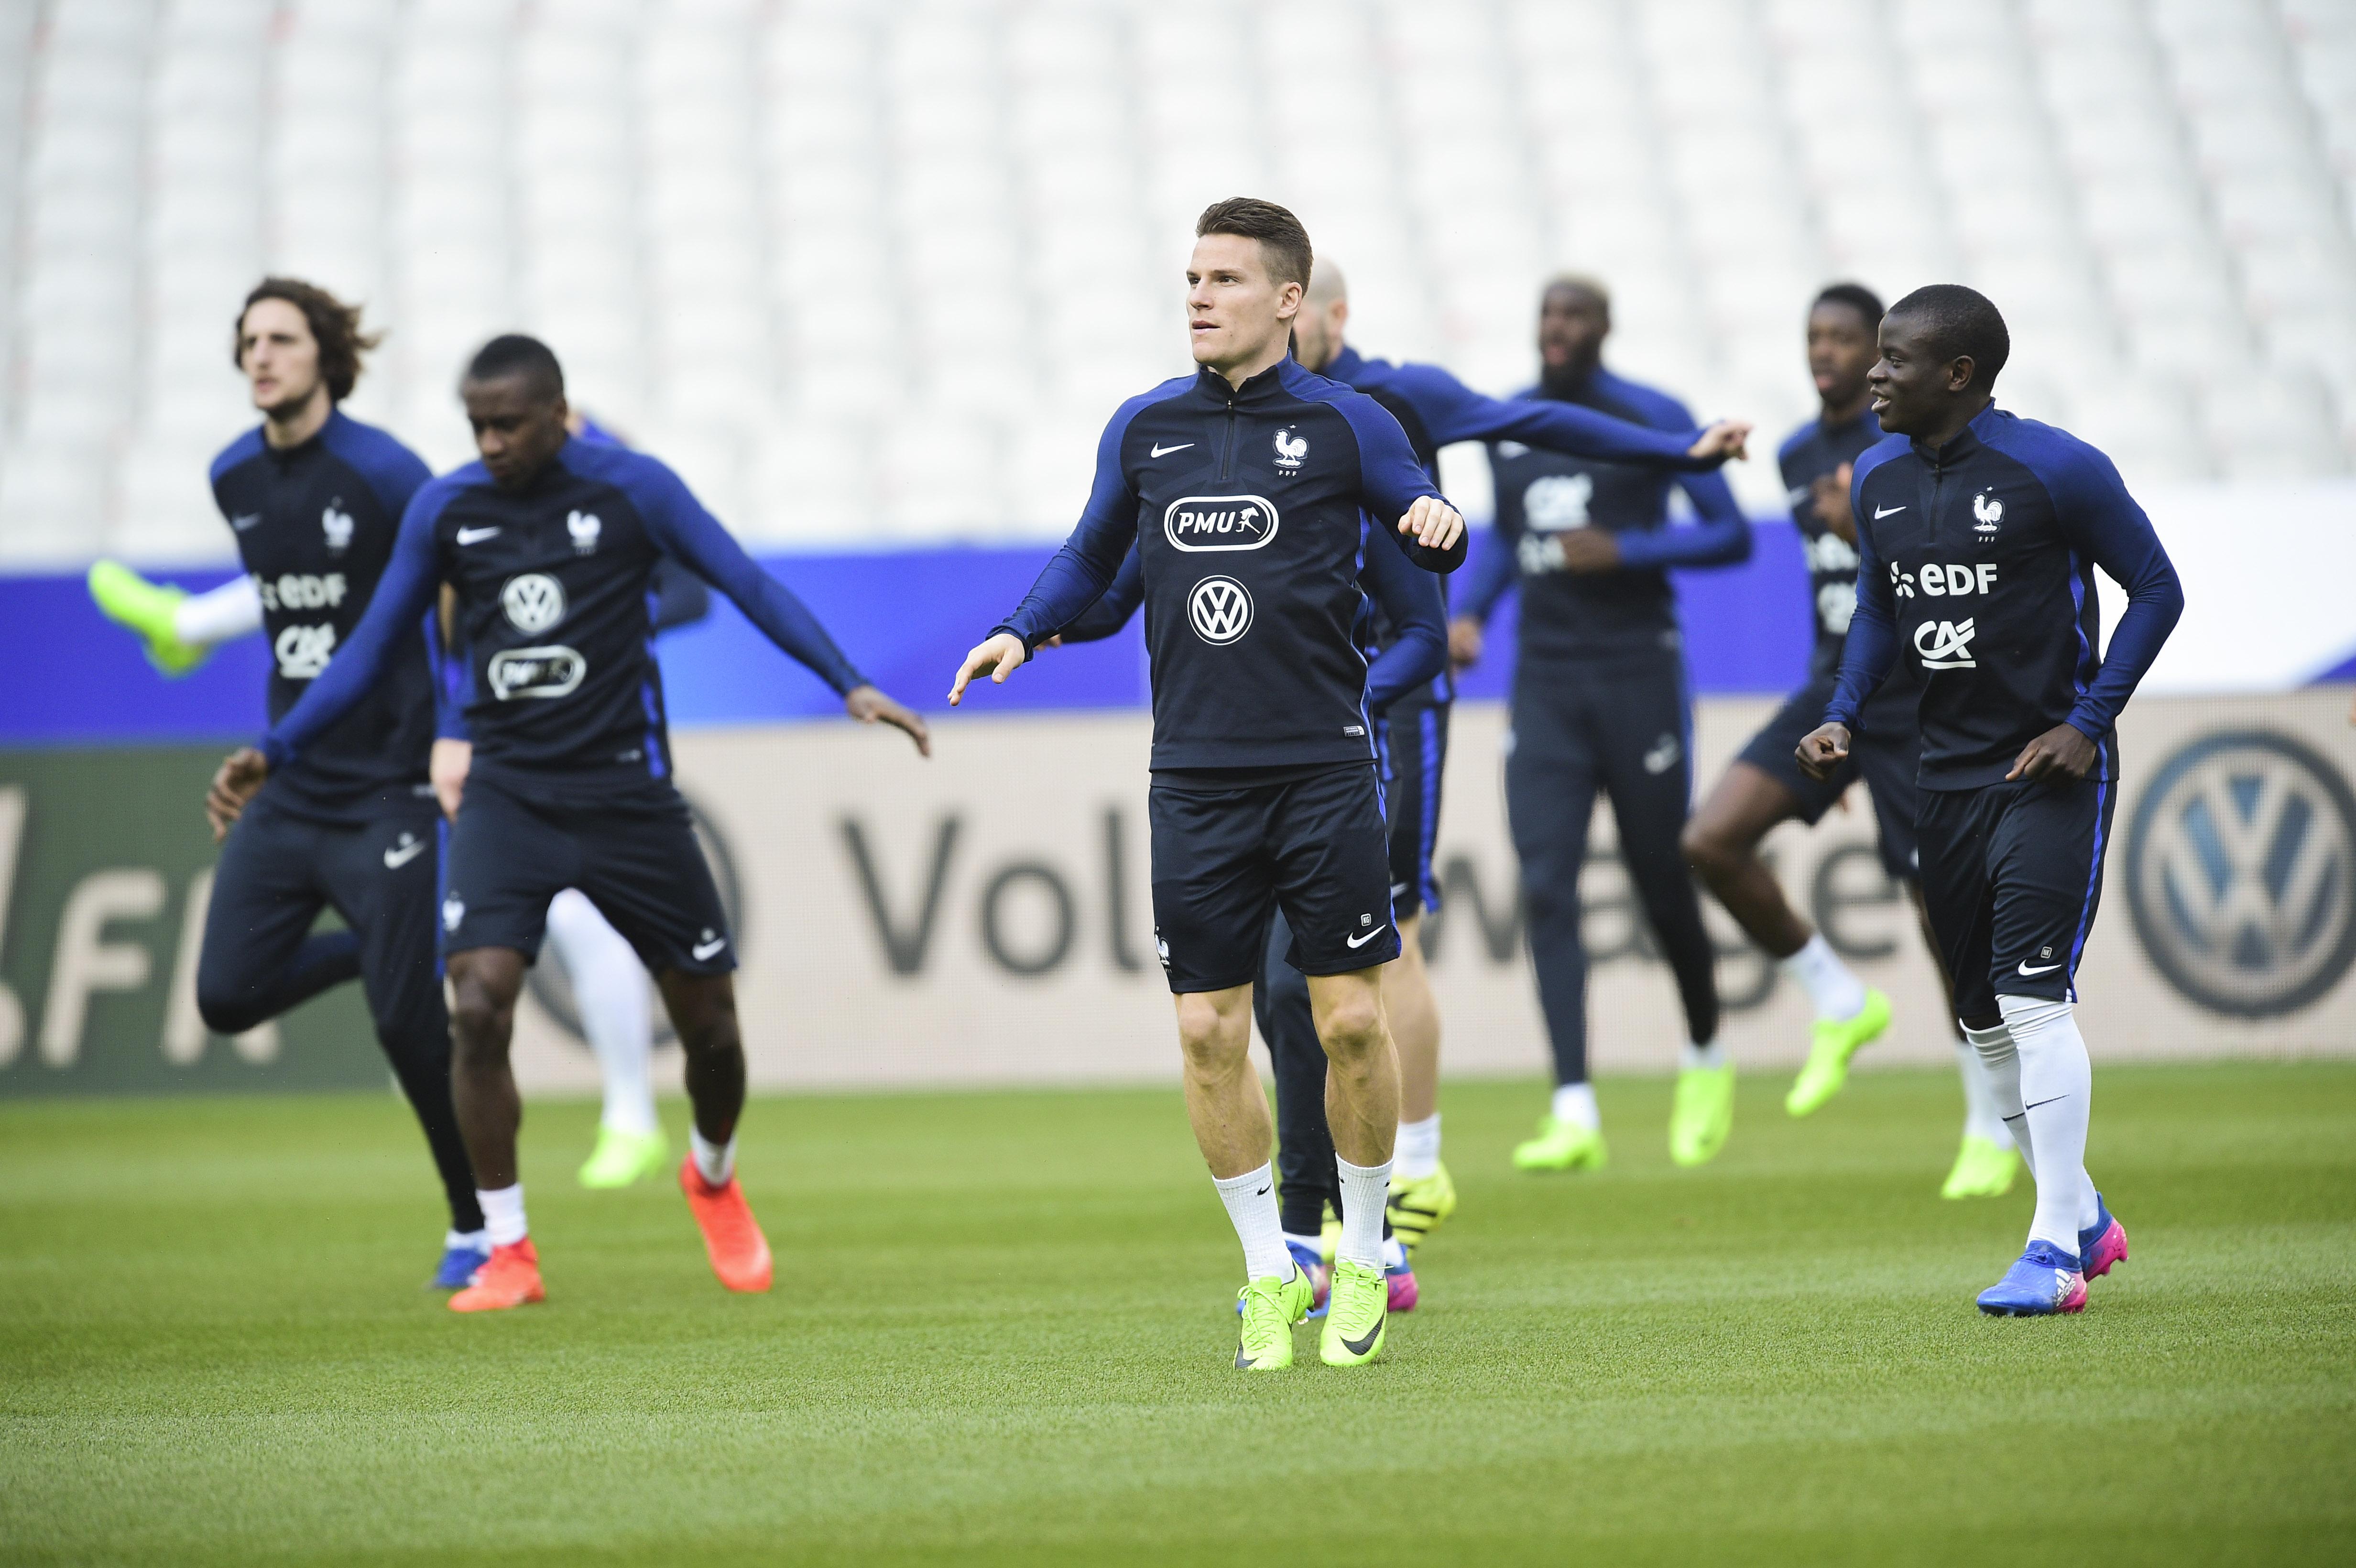 Football - Equipe de France - Où voir le match et 4 questions sur France-Espagne